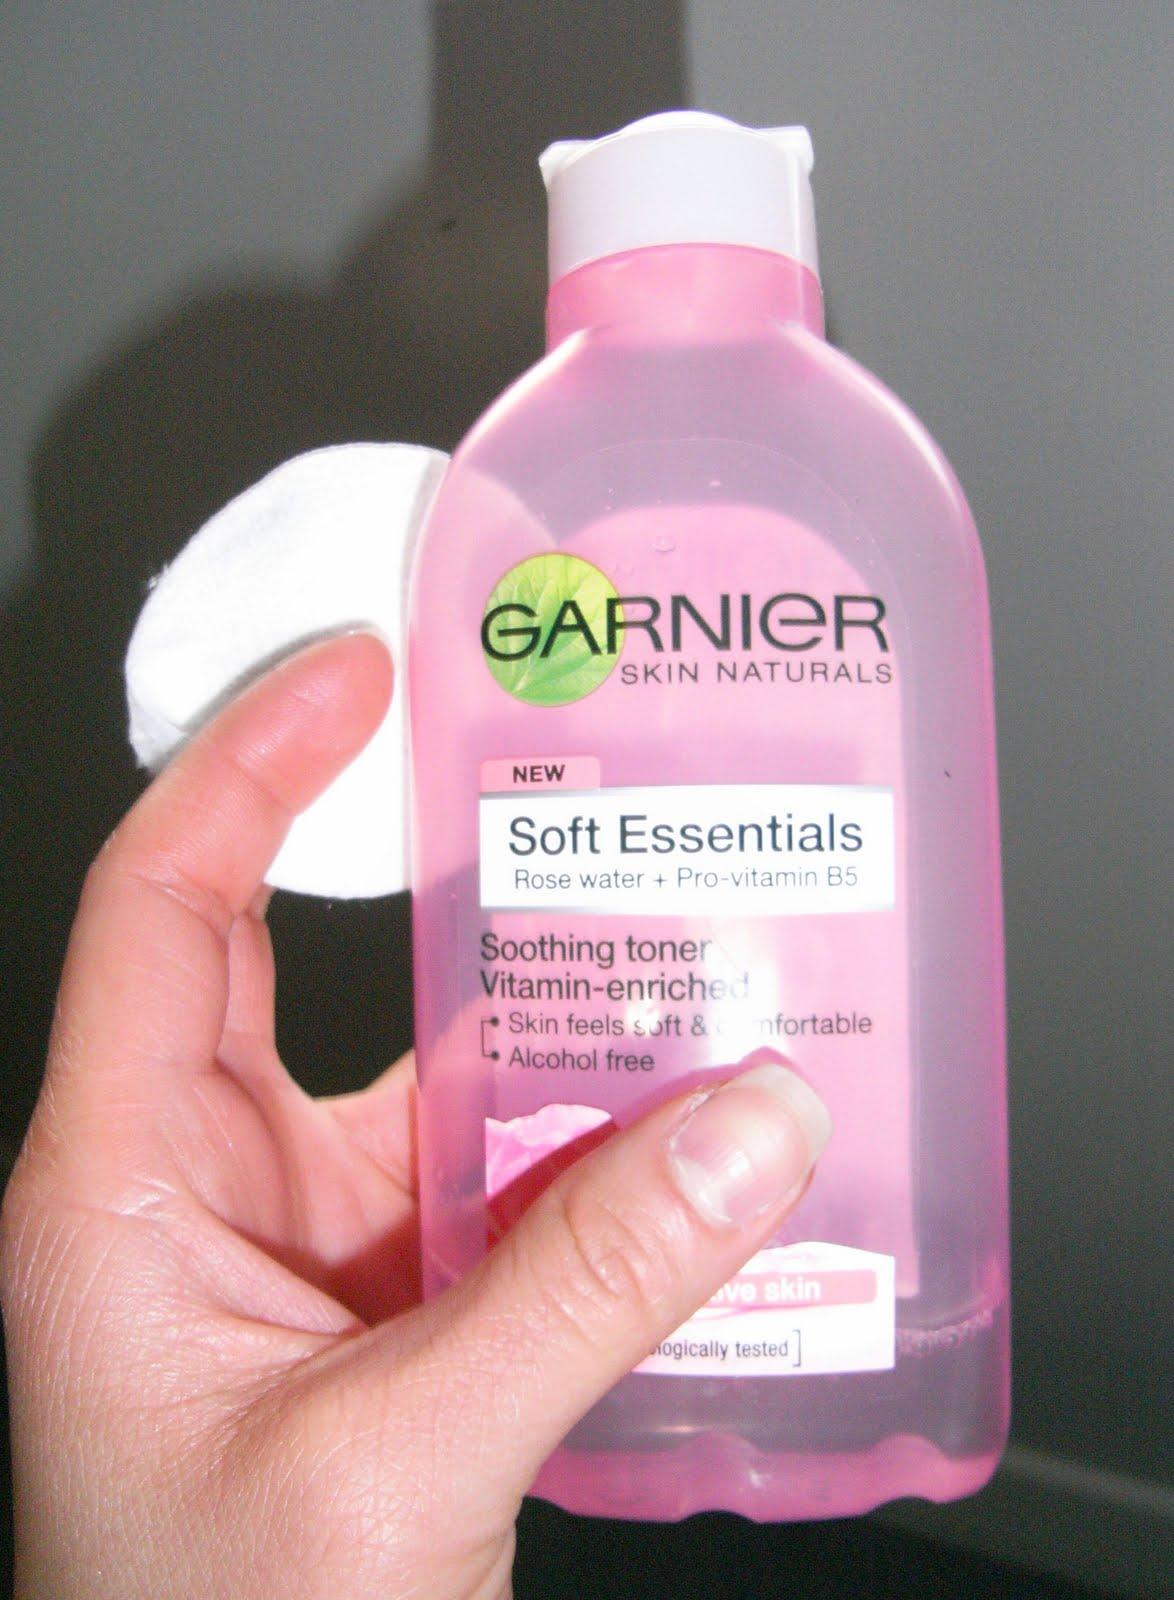 My Style Affair Garnier Soft Essentials Rose Water Toner